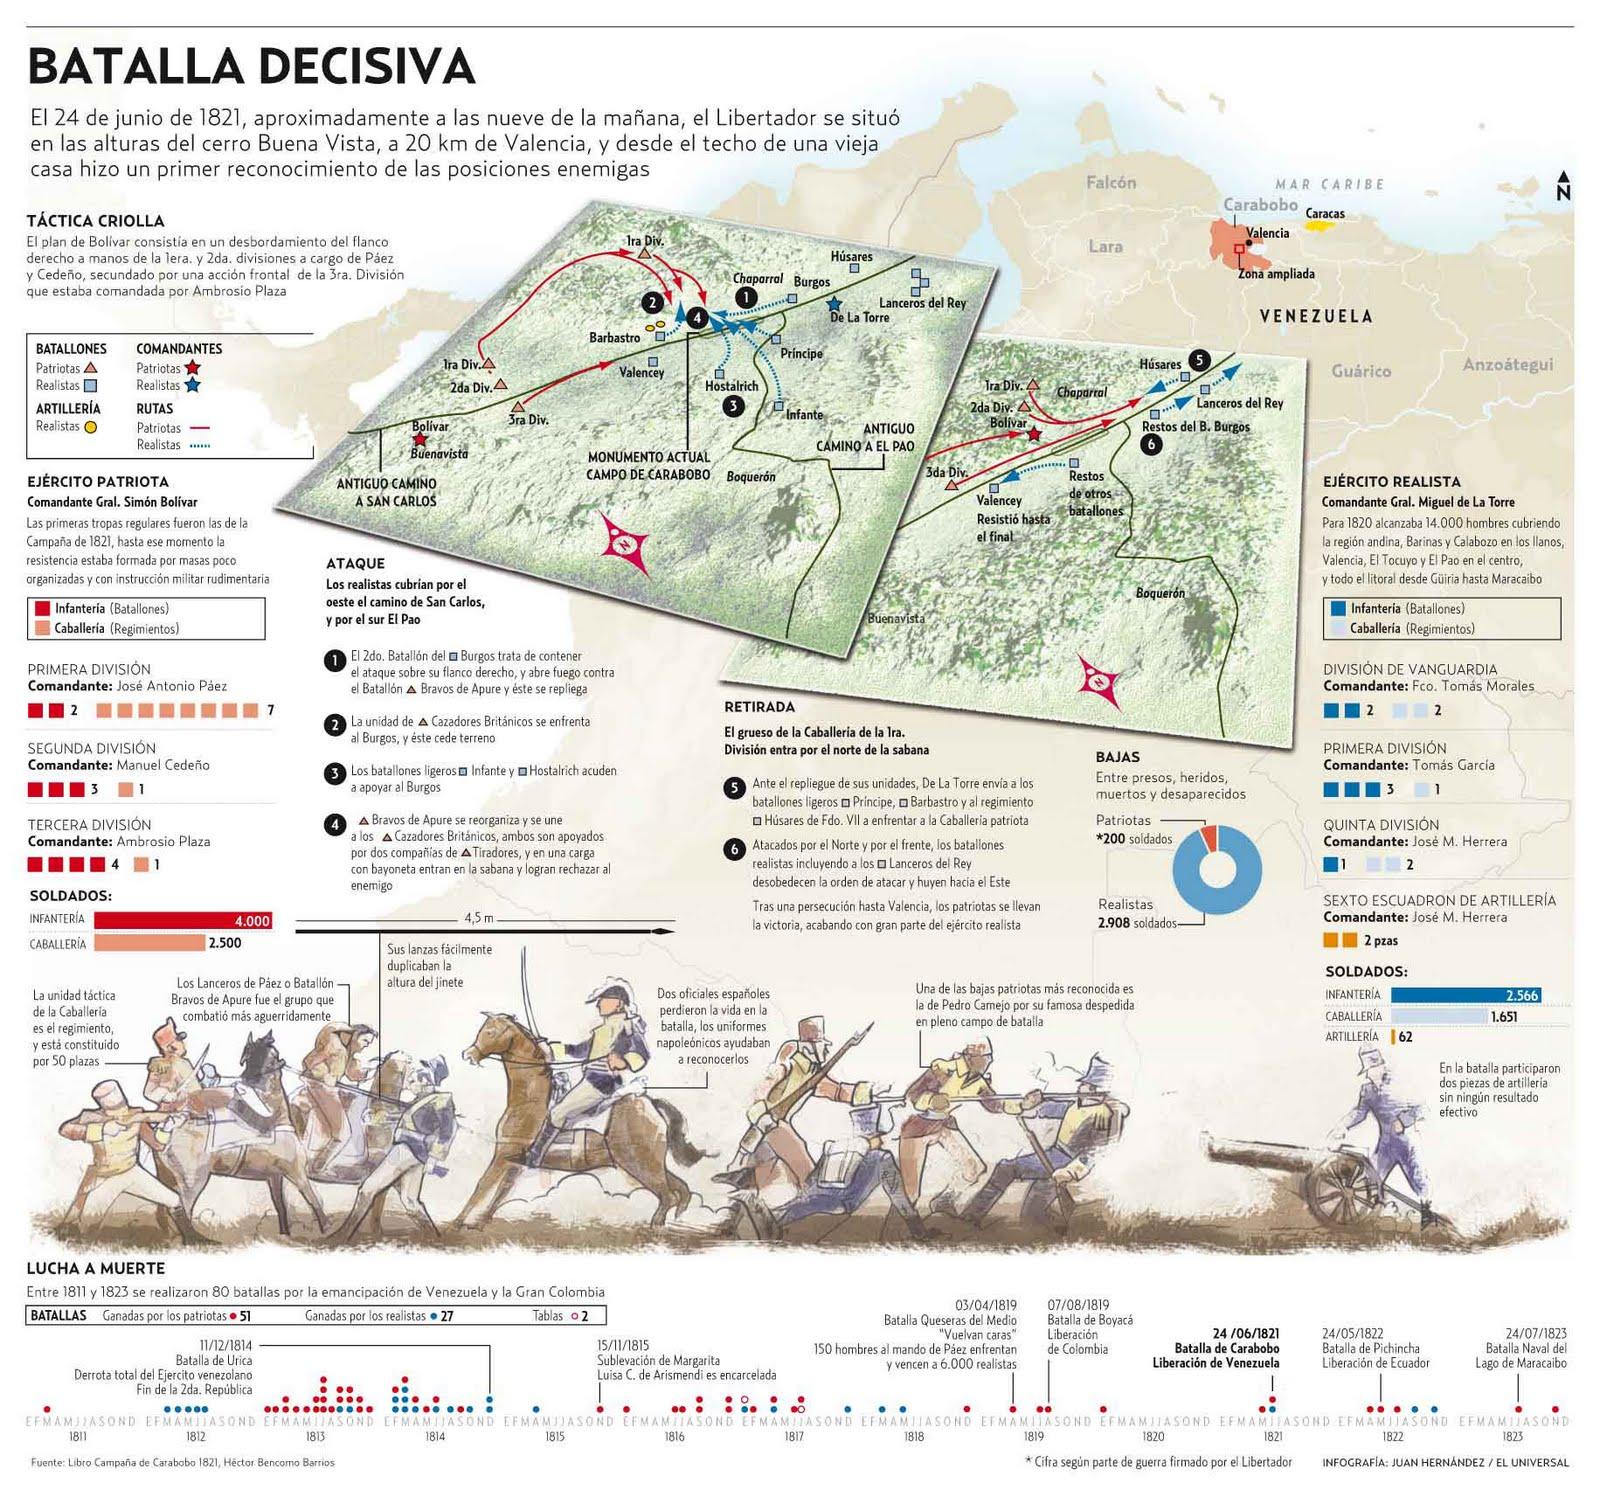 Ideas y Acción: 24 de Junio, Dia de la Batalla de Carabobo y Día del ...